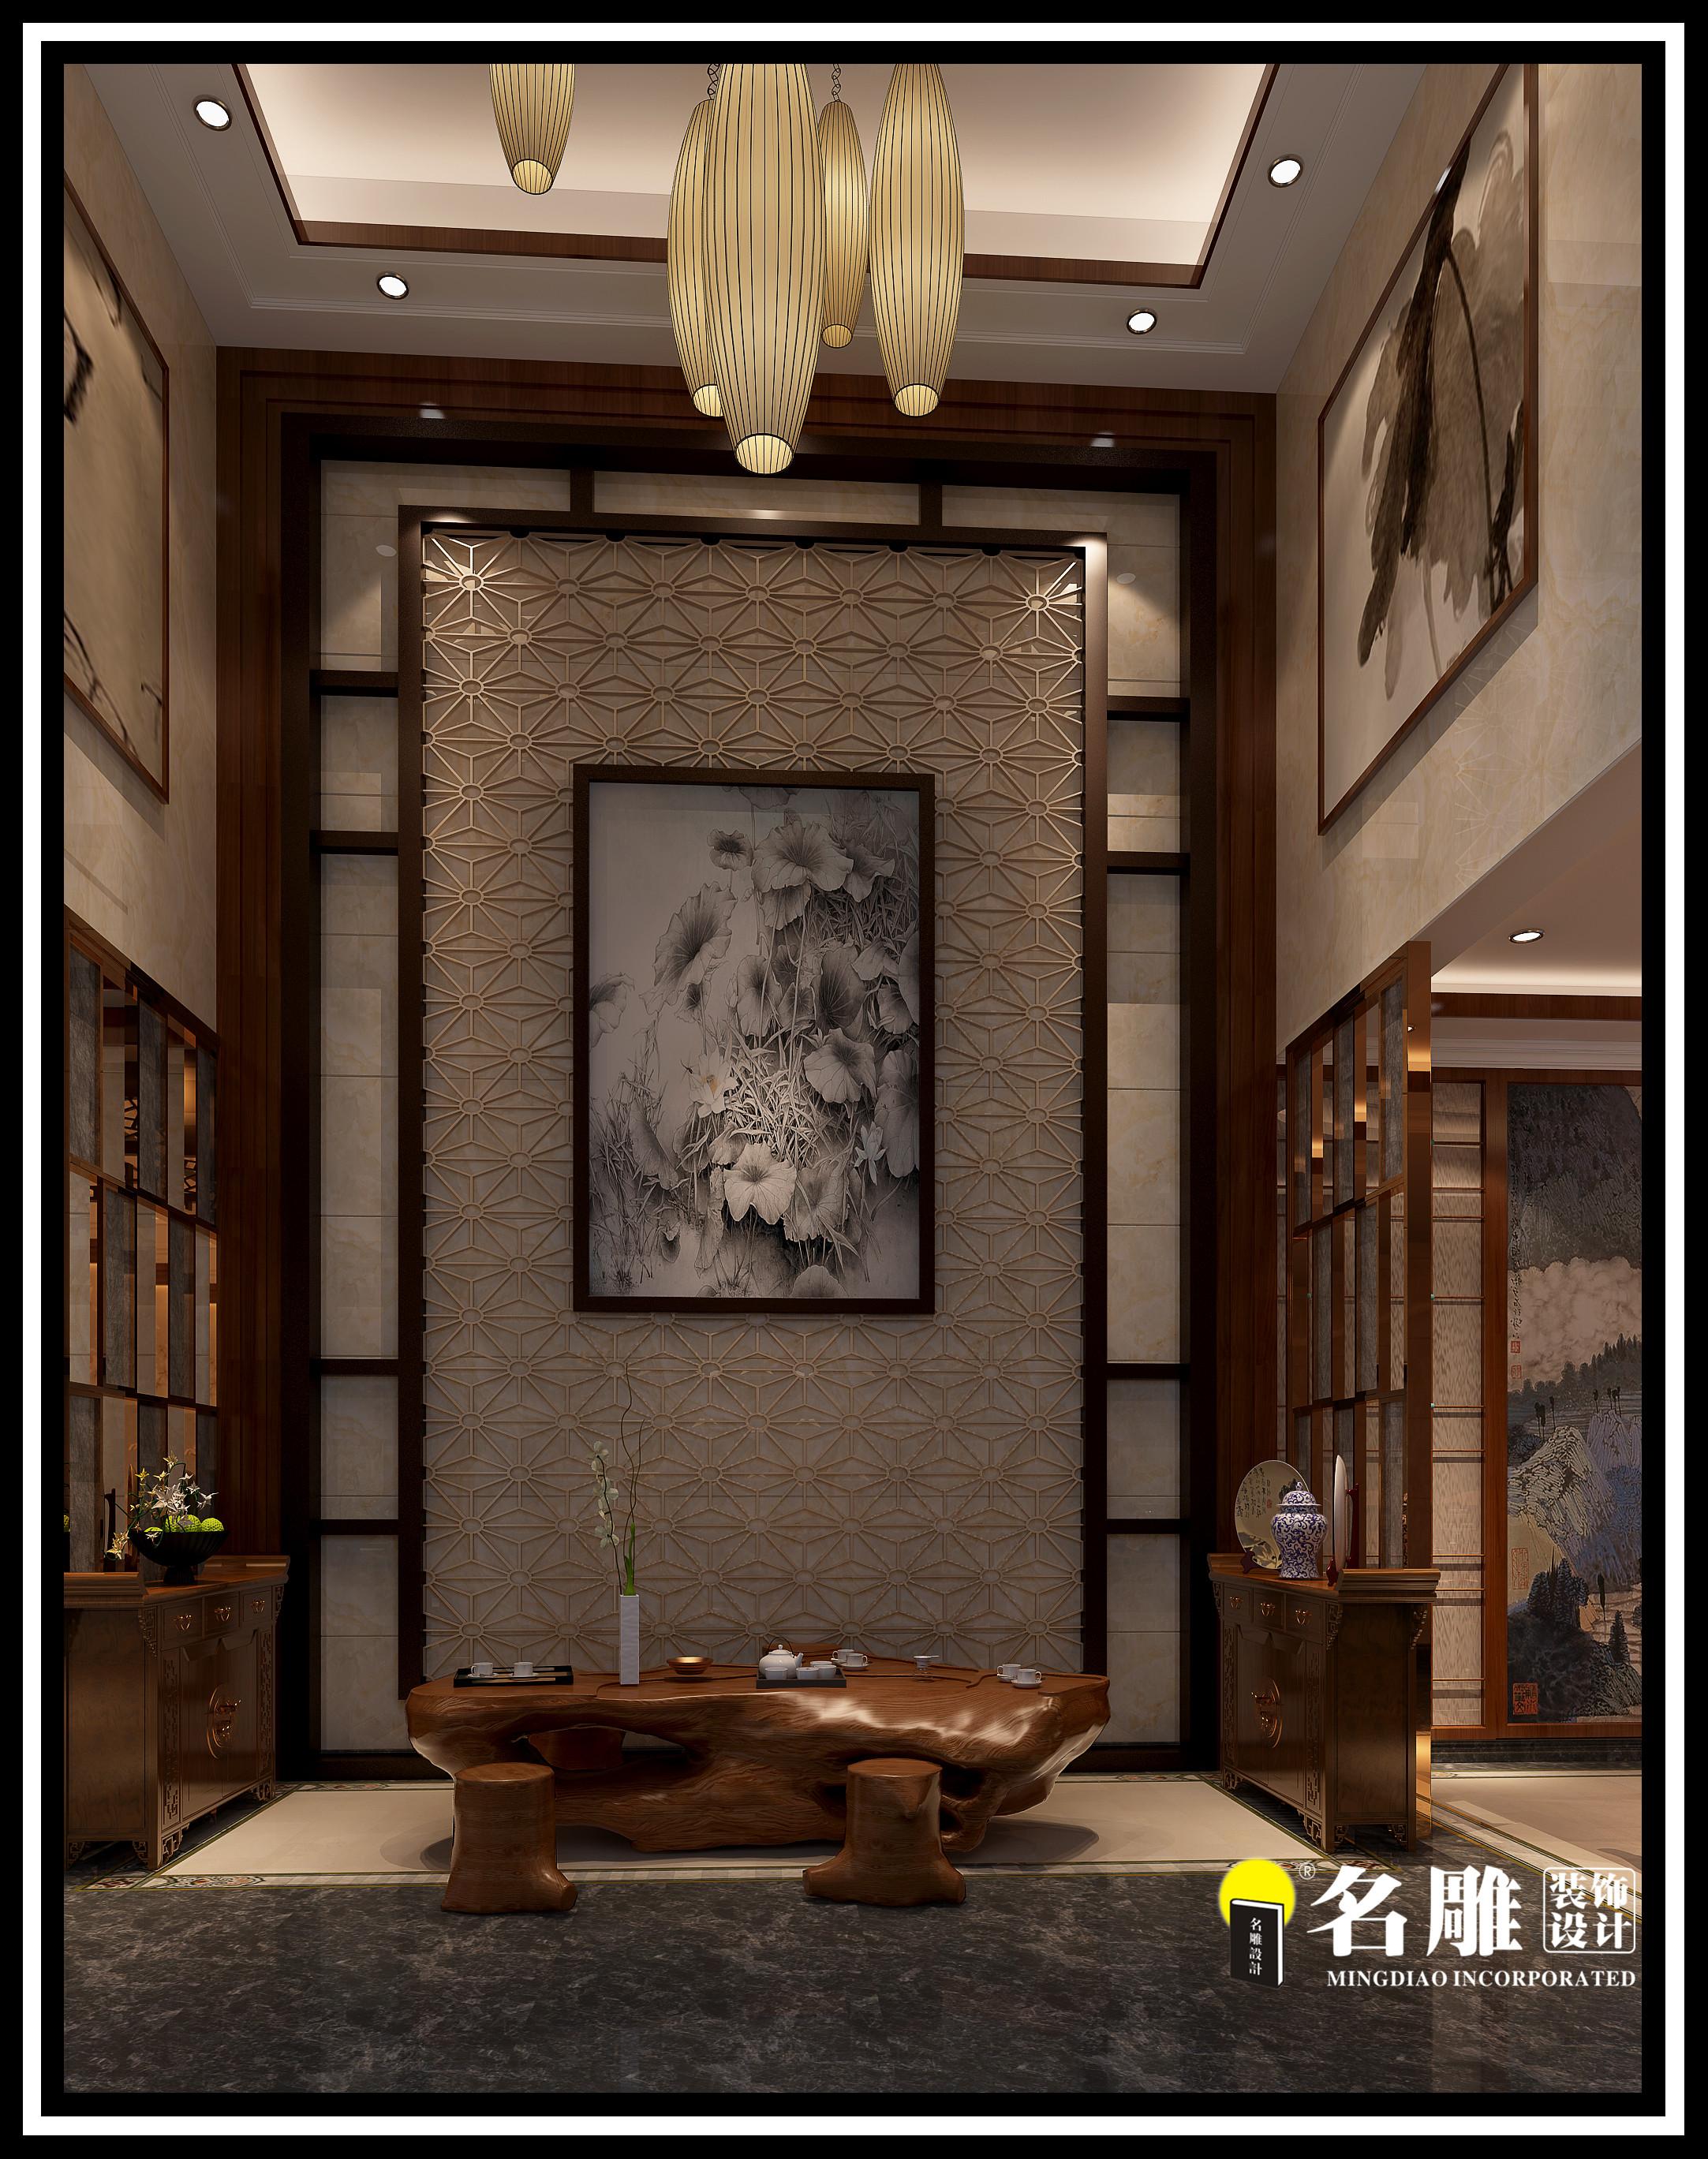 中式 四居室 安宁 祥和感 自然、清新 其他图片来自名雕装饰长沙分公司在湘江豪庭中式四居室的分享